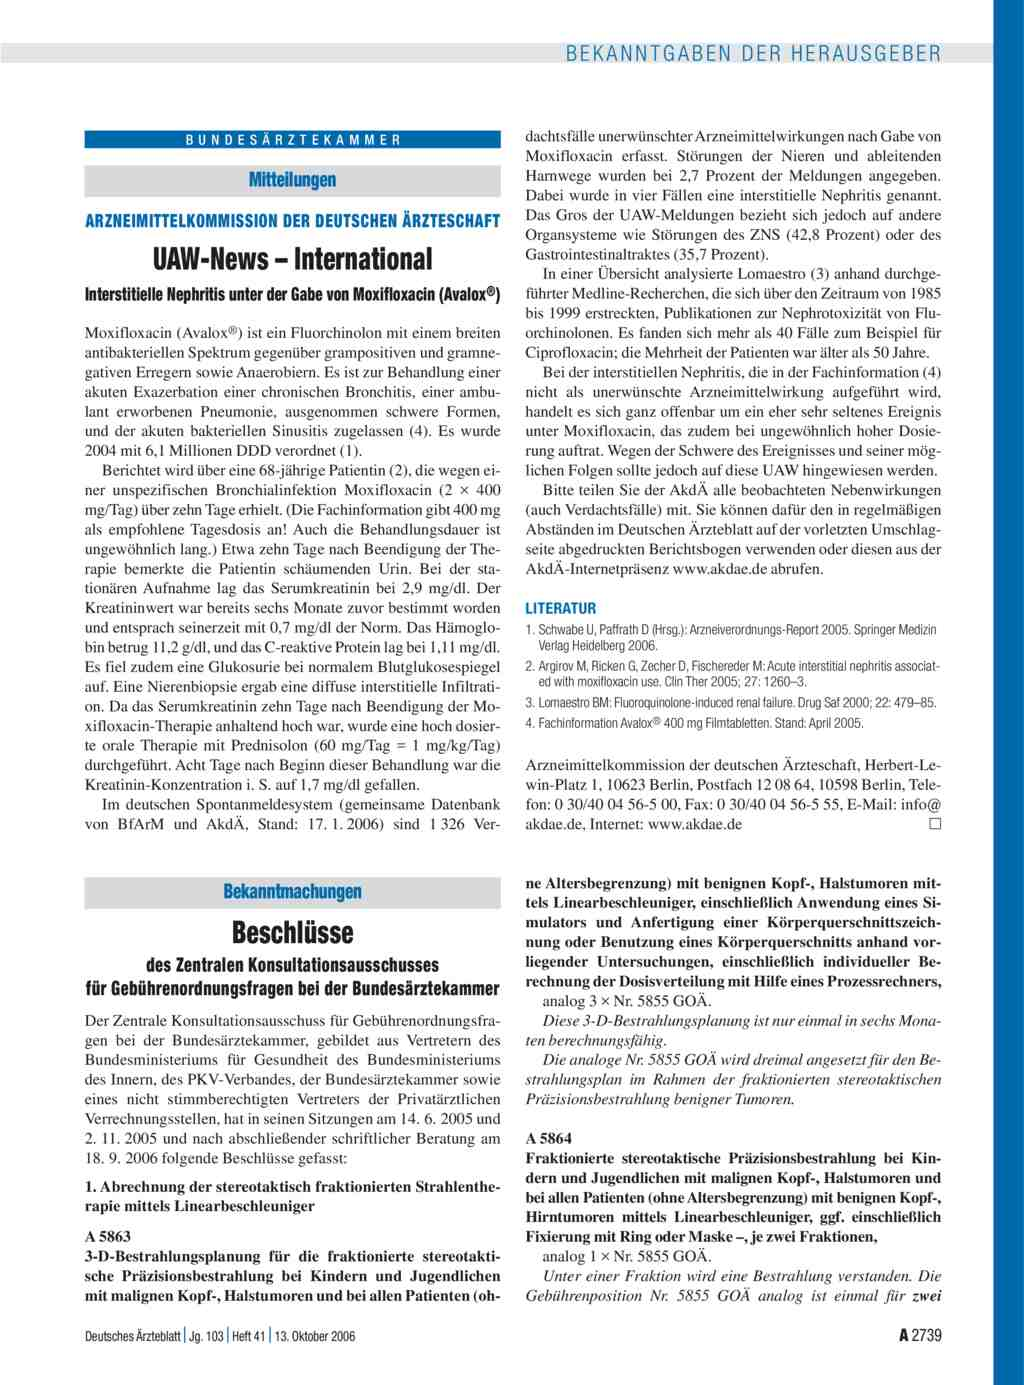 Mitteilungen Uaw News International Interstitielle Nephritis